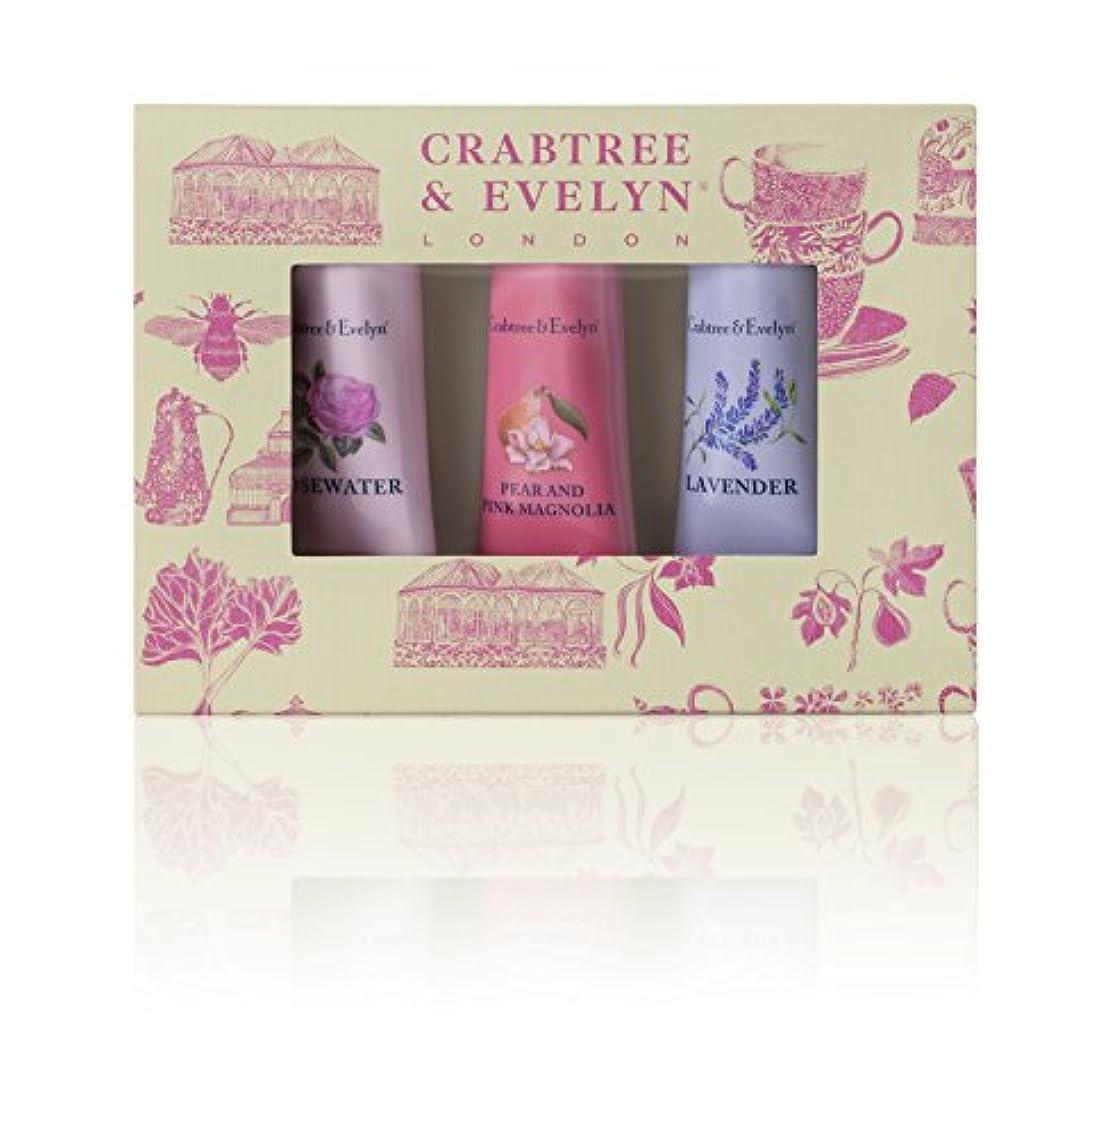 想像力豊かな静脈毎年クラブツリー&イヴリン Florals Hand Therapy Set (1x Pear & Pink Magnolia, 1x Rosewater, 1x Lavender) 3x25g/0.9oz並行輸入品